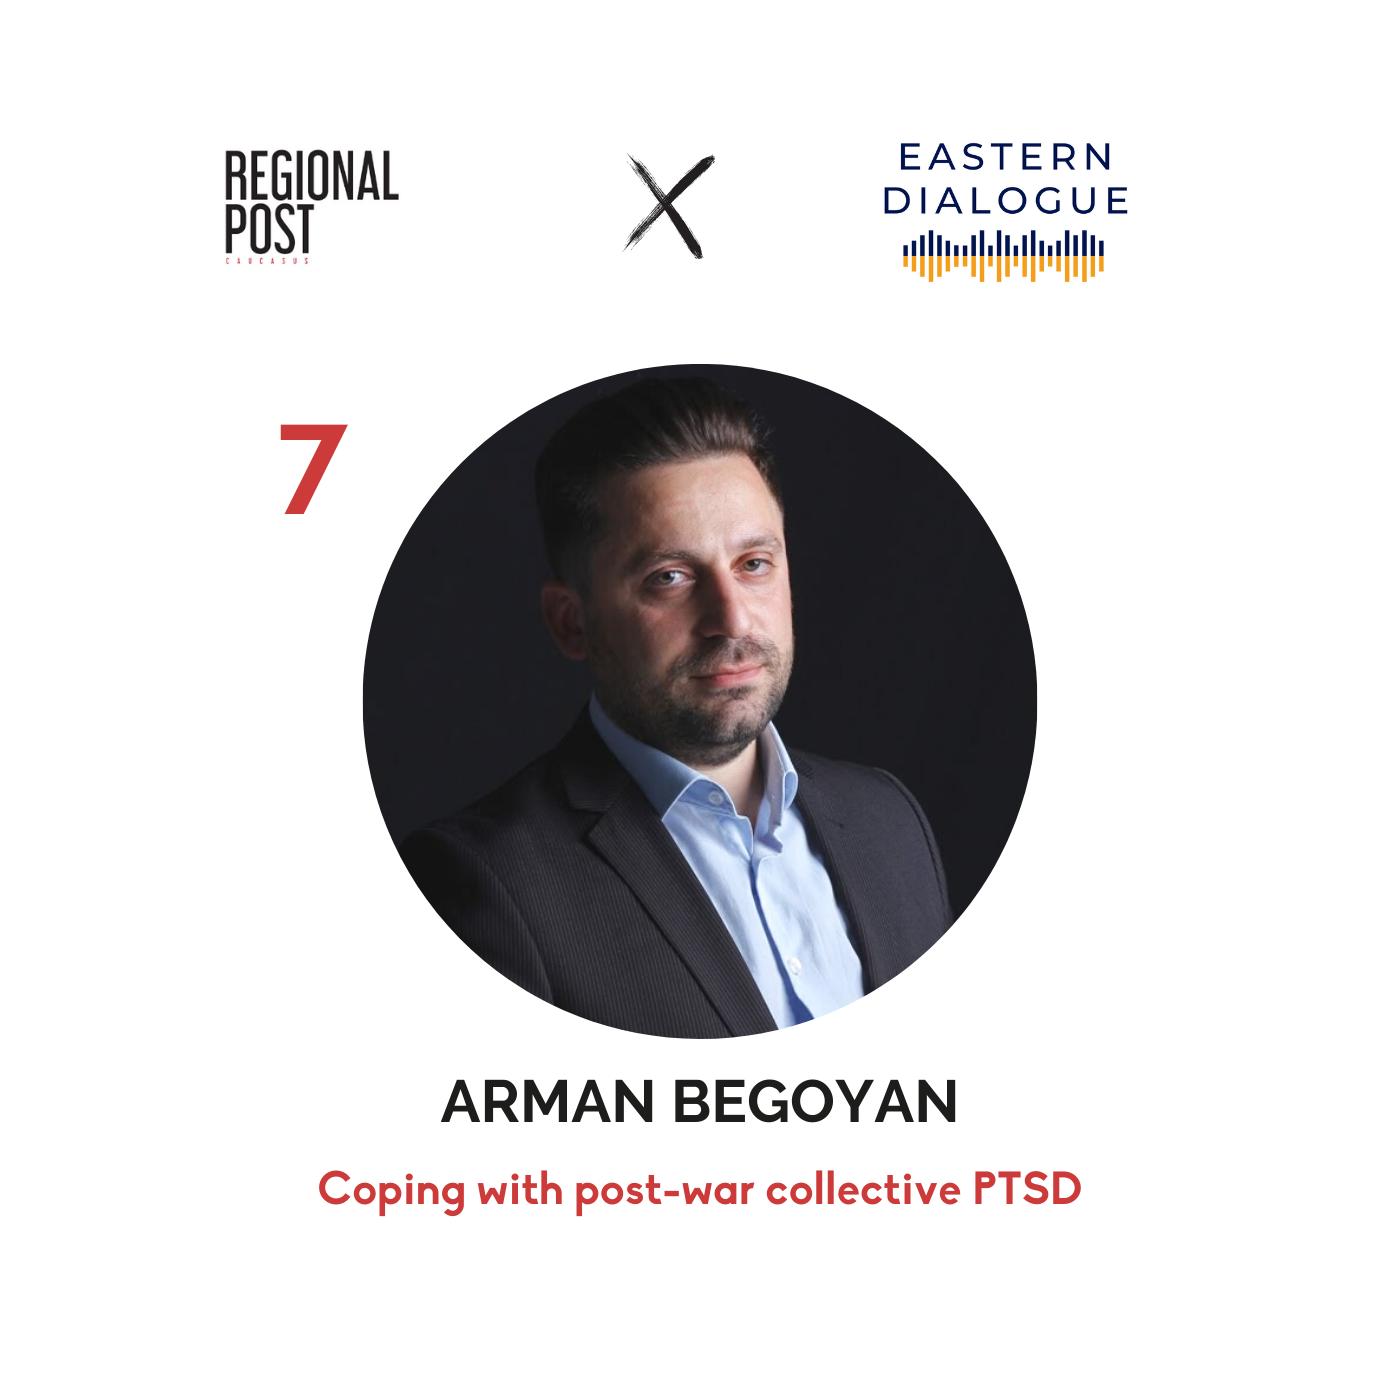 [հայերեն] Arman Begoyan - Coping with post-war collective PTSD